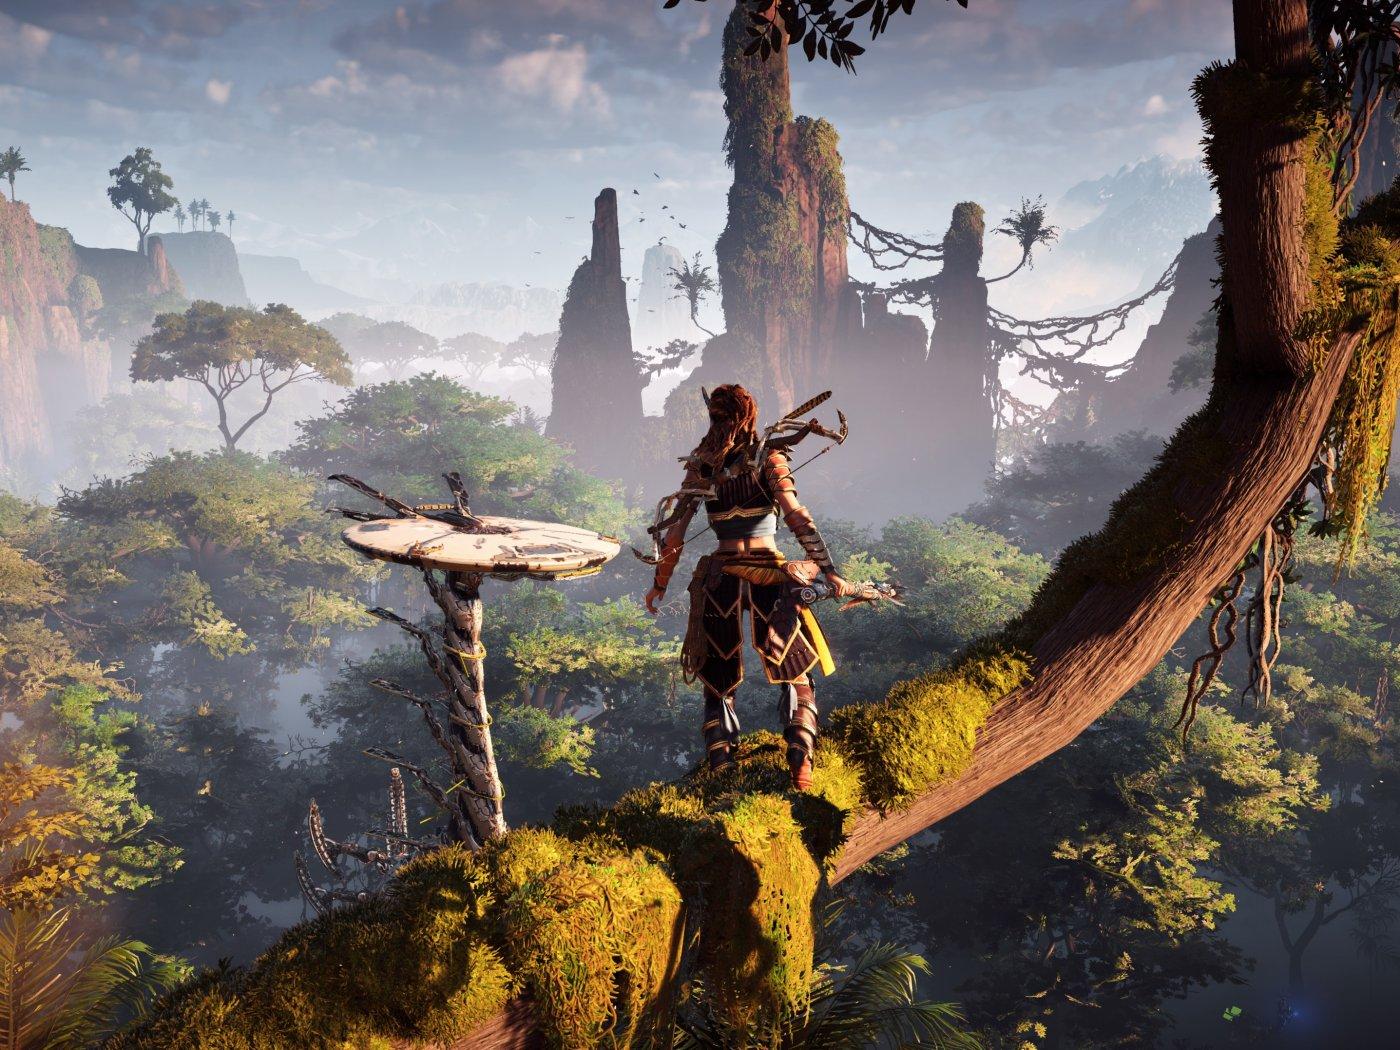 جدیدترین تصاویر منتشر شده از بازی Horizon Zero Dawn